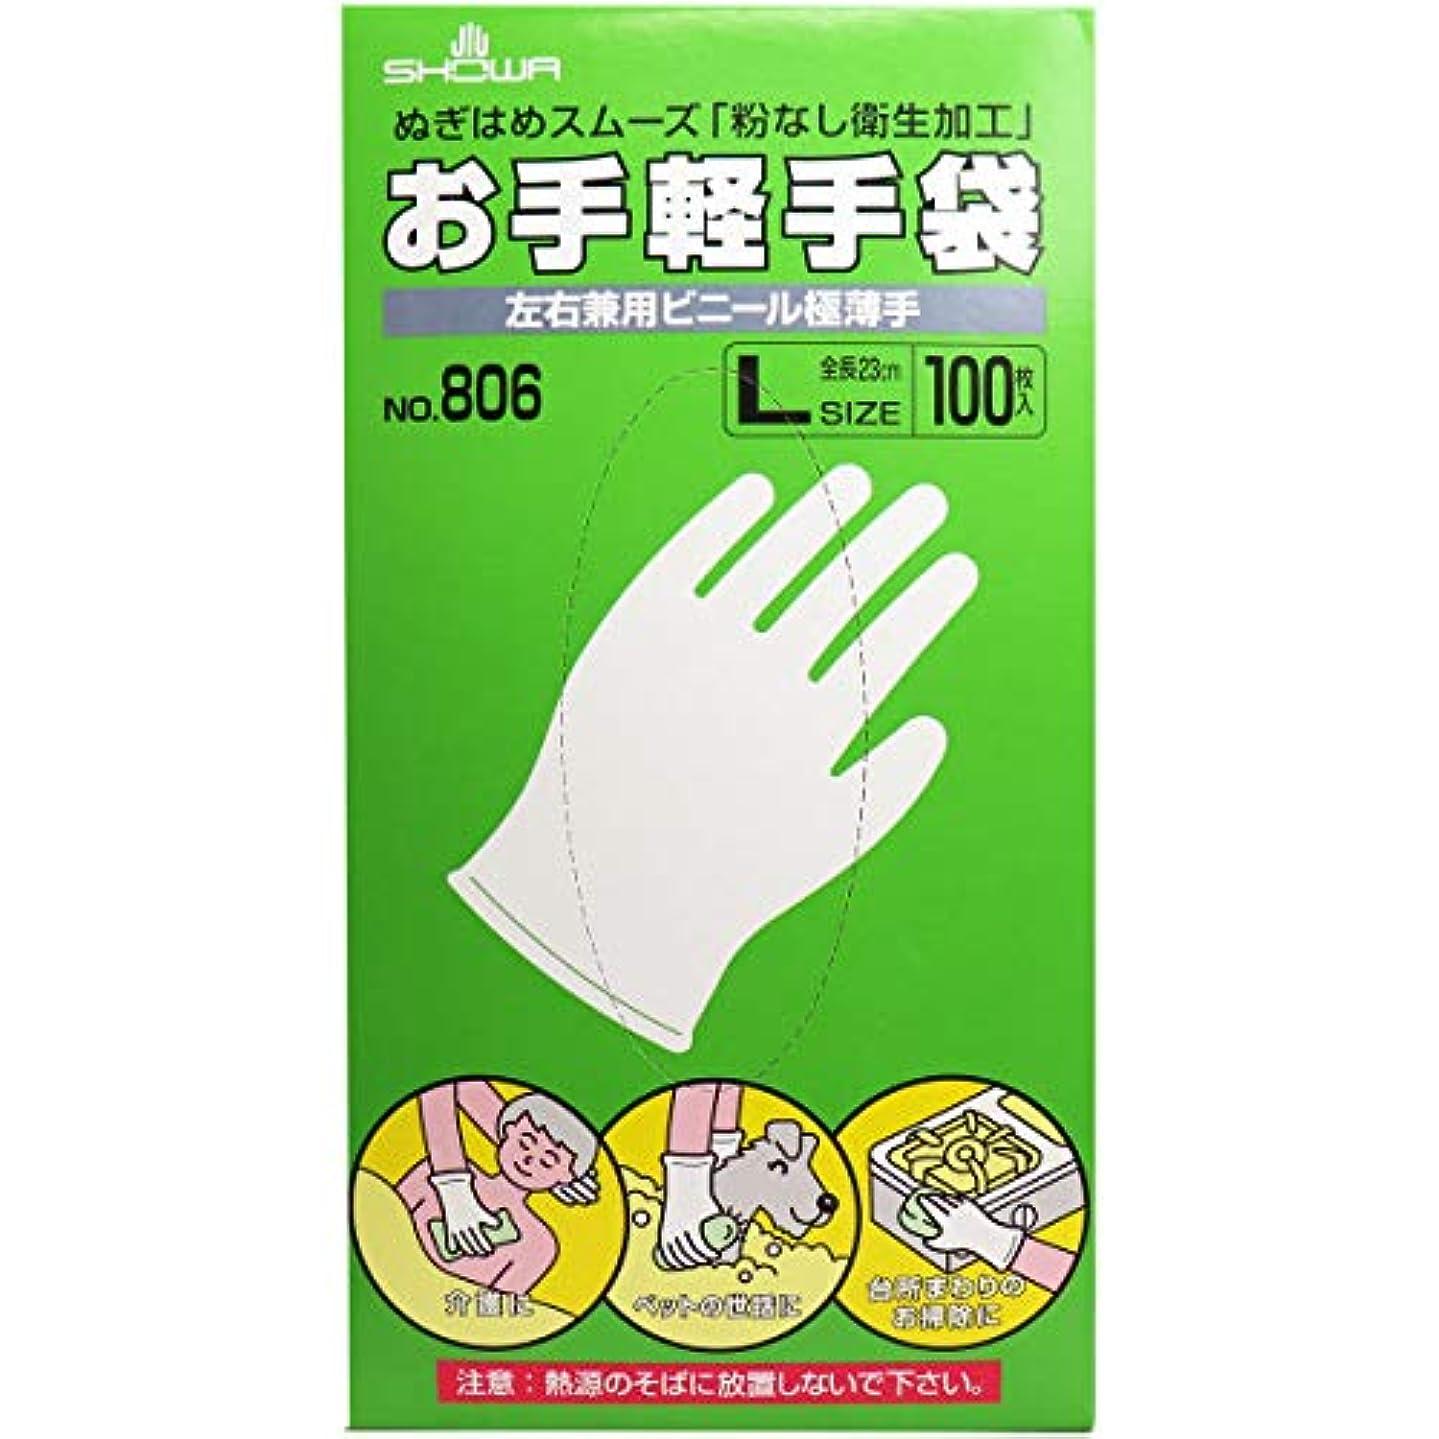 ブームパウダー種類お手軽手袋 No.806 左右兼用ビニール極薄手 粉なし Lサイズ 100枚入×2個セット